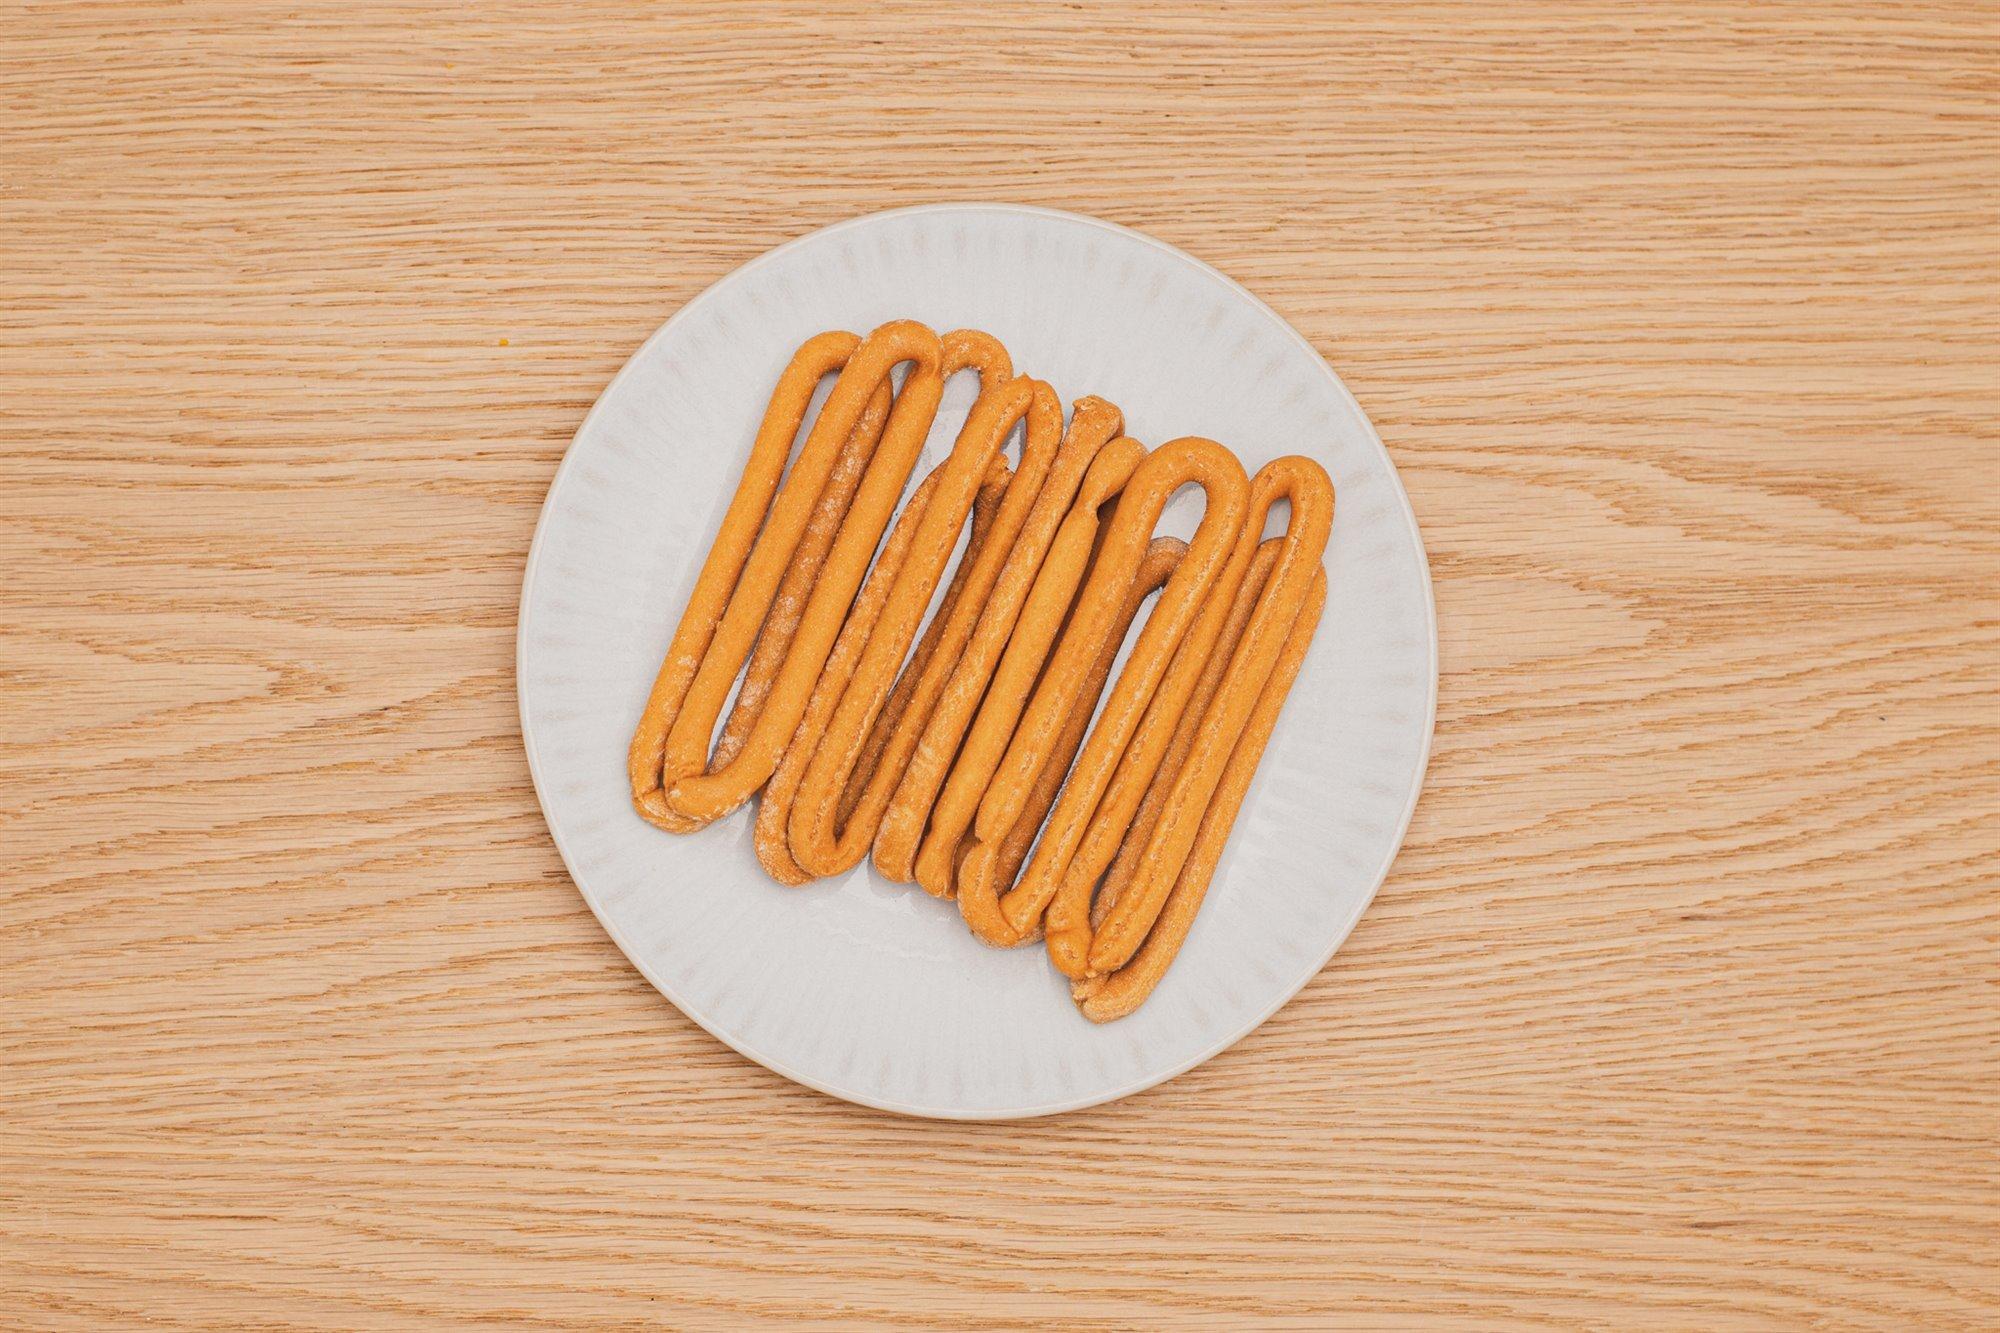 9. Ten a mano los roscos de pan